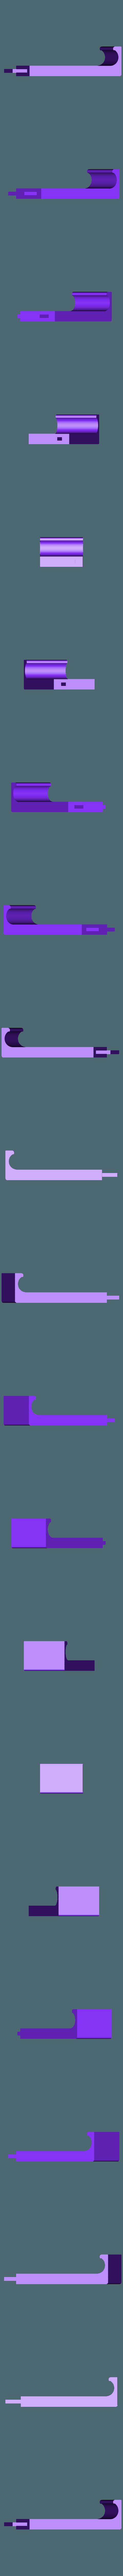 kindle_holder PartB.stl Download STL file Kindle Holder • 3D printing object, Alfa3D